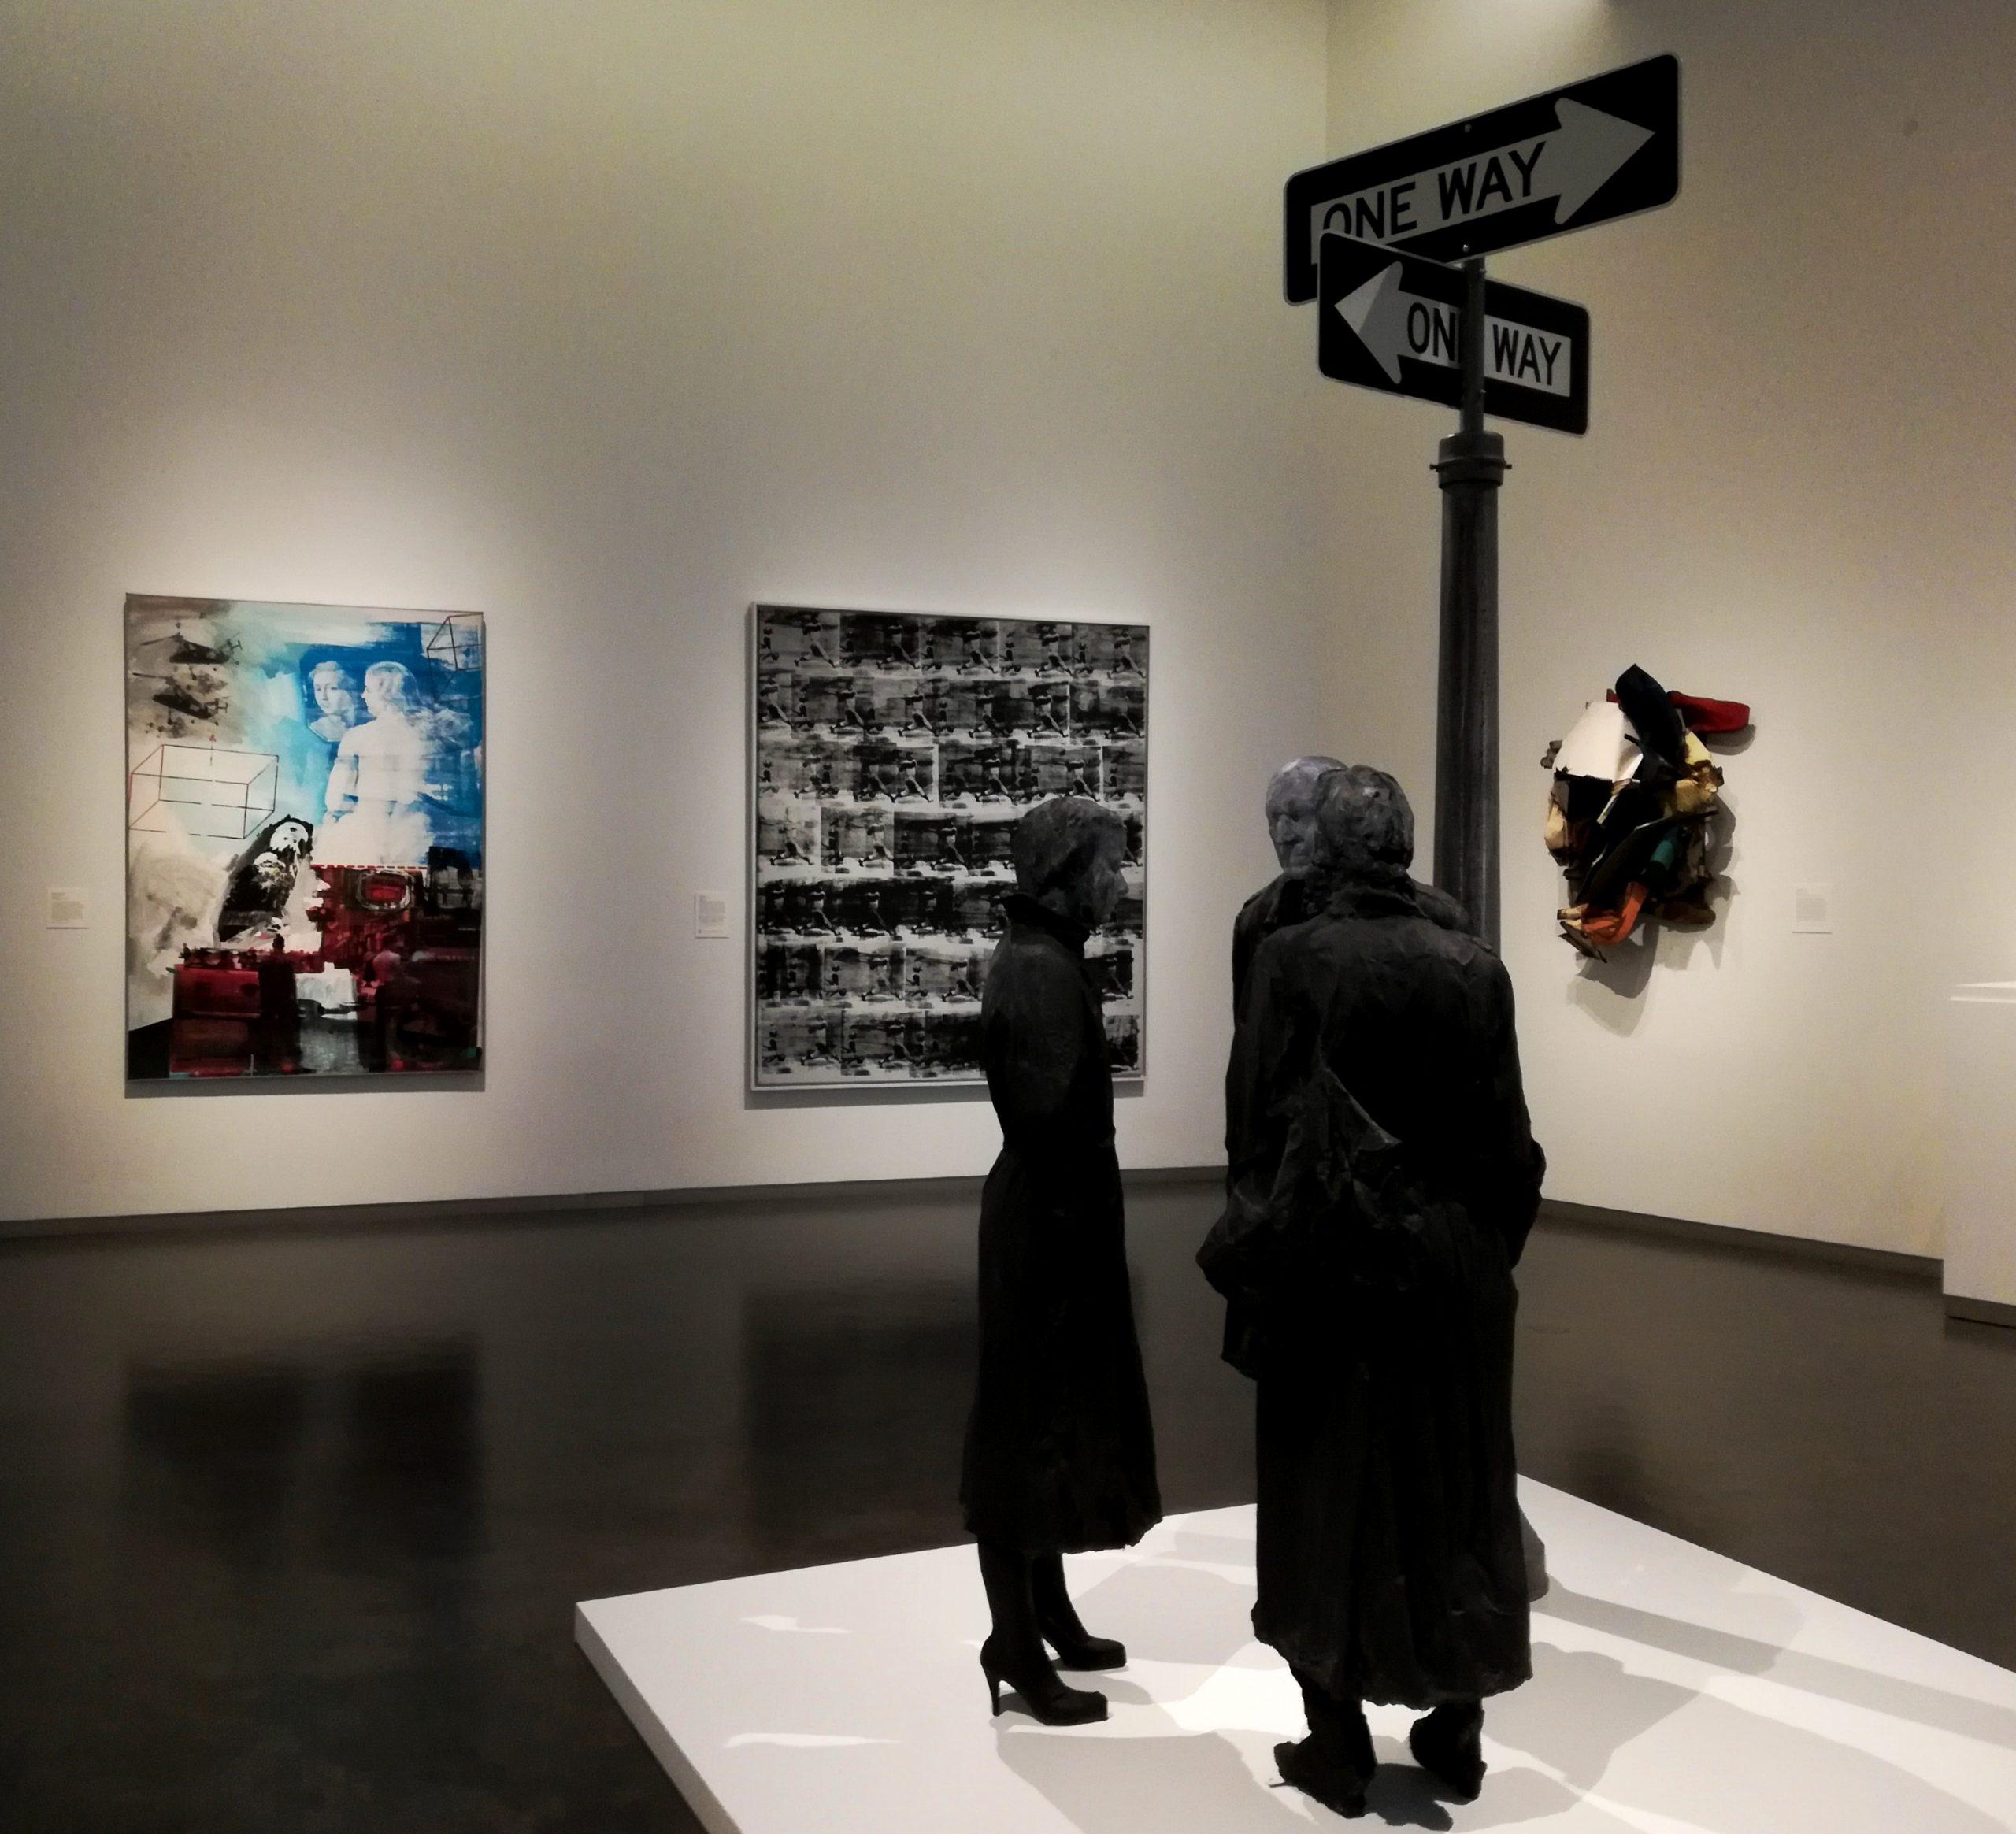 One Way Nelson-Atkins Museum of Art Kansas City KCMO